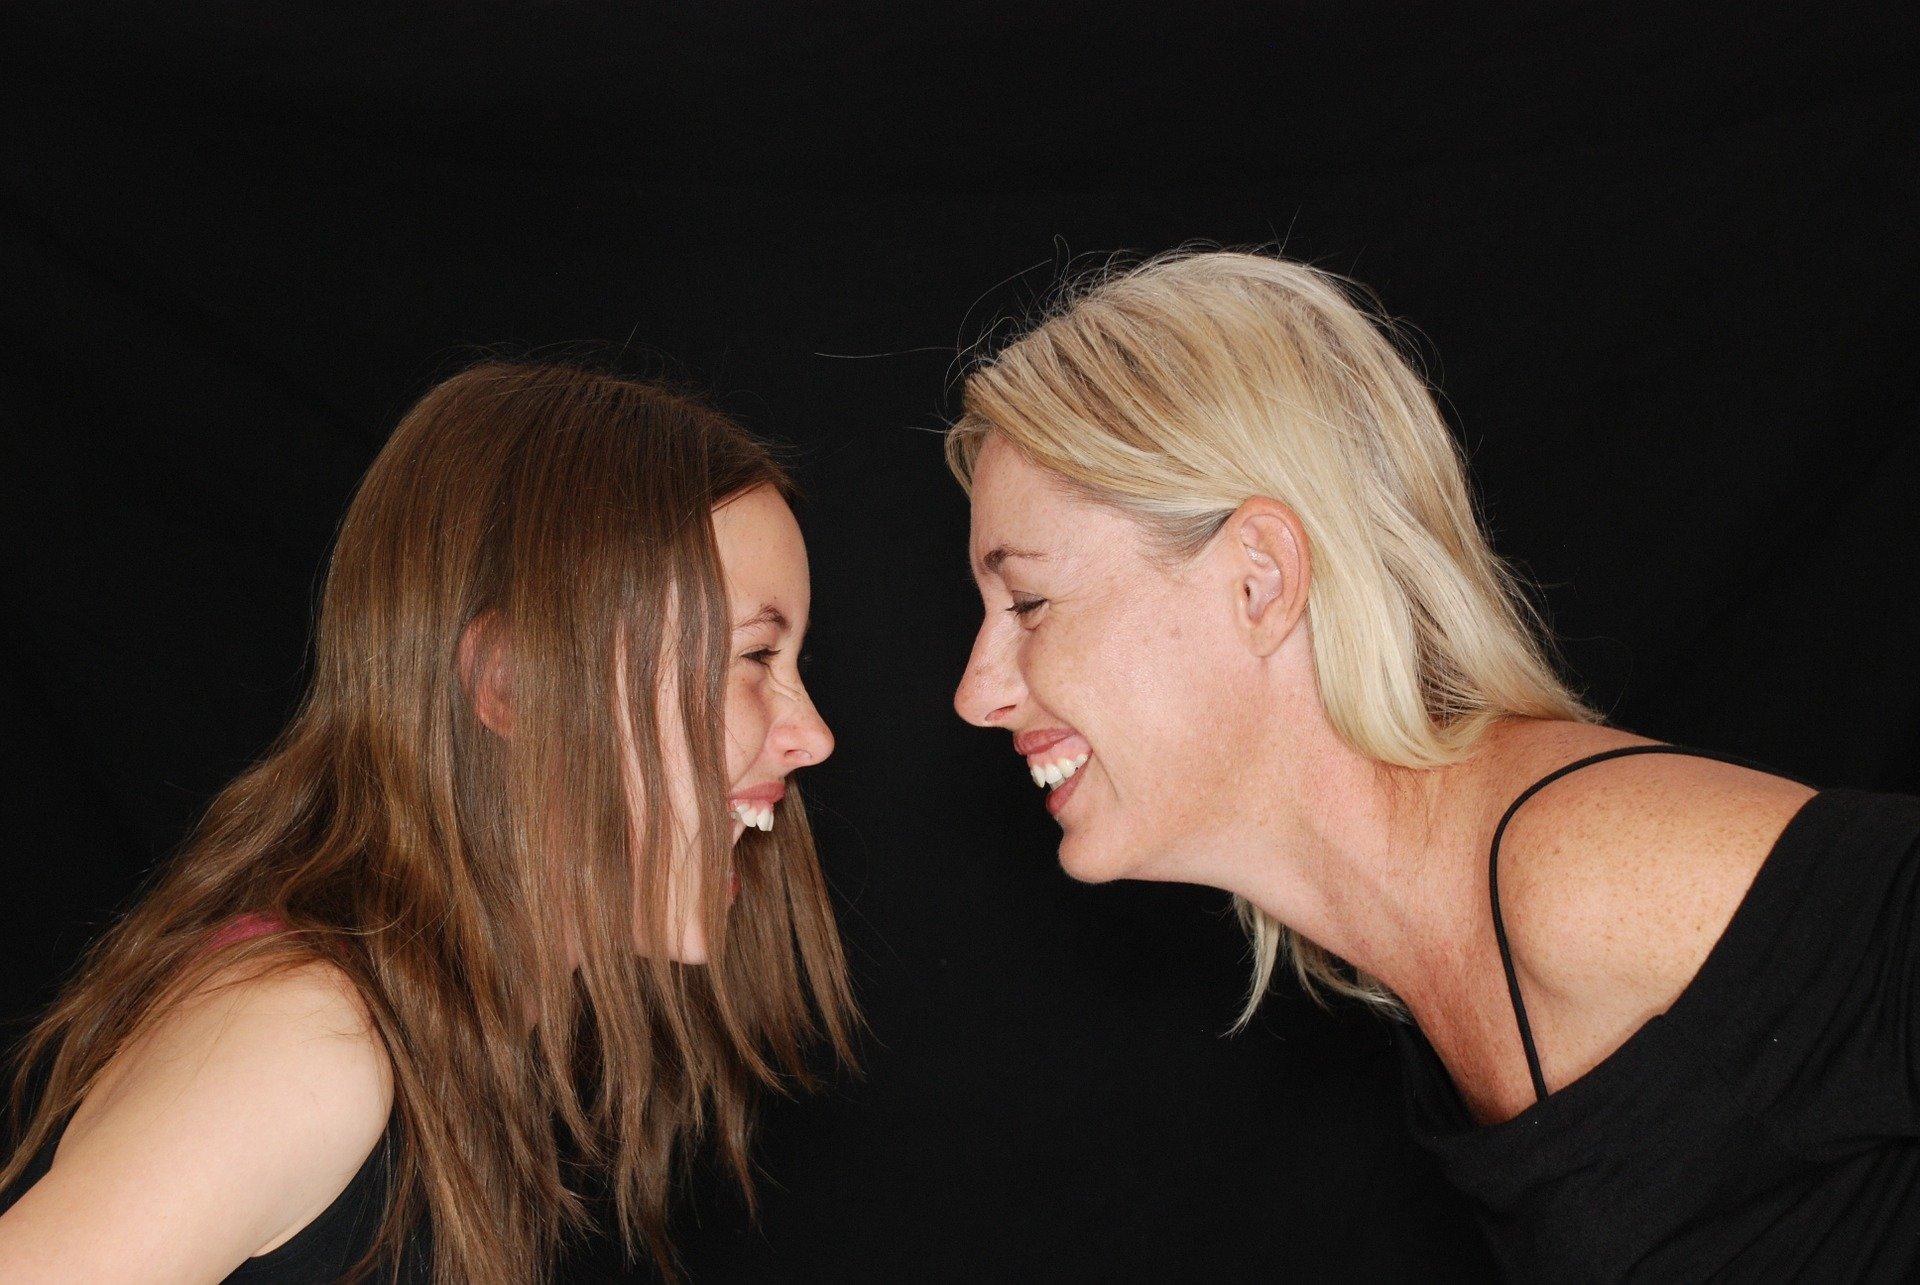 Madre e hija riendo. Fuente: Pixabay